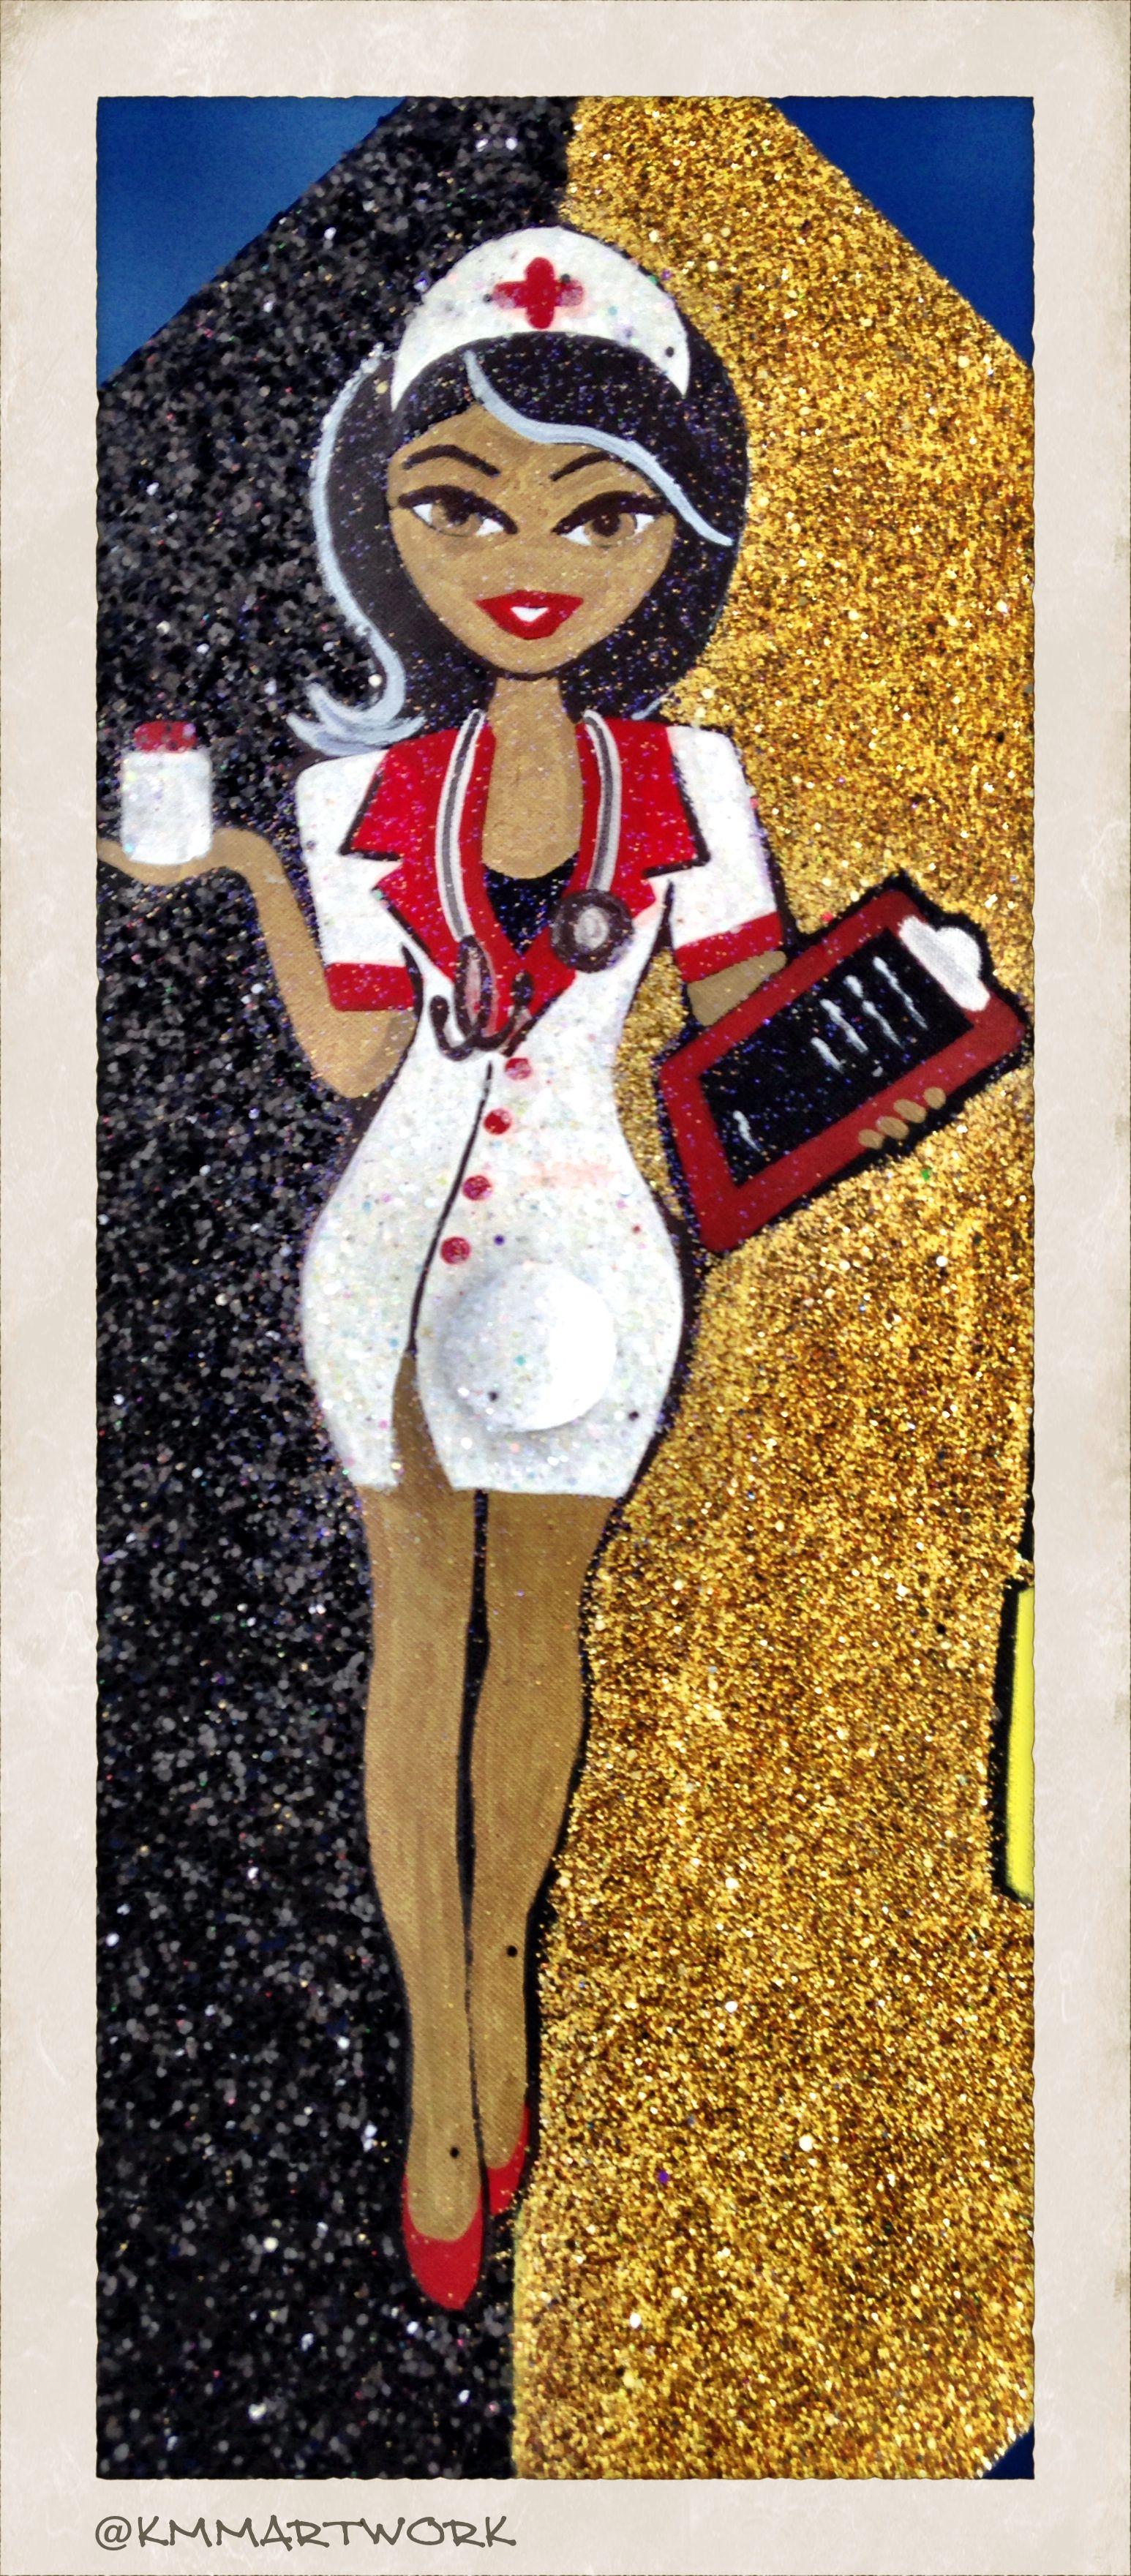 Glitter Art - Nurse Graduation Cap - BSN #kmmartwork